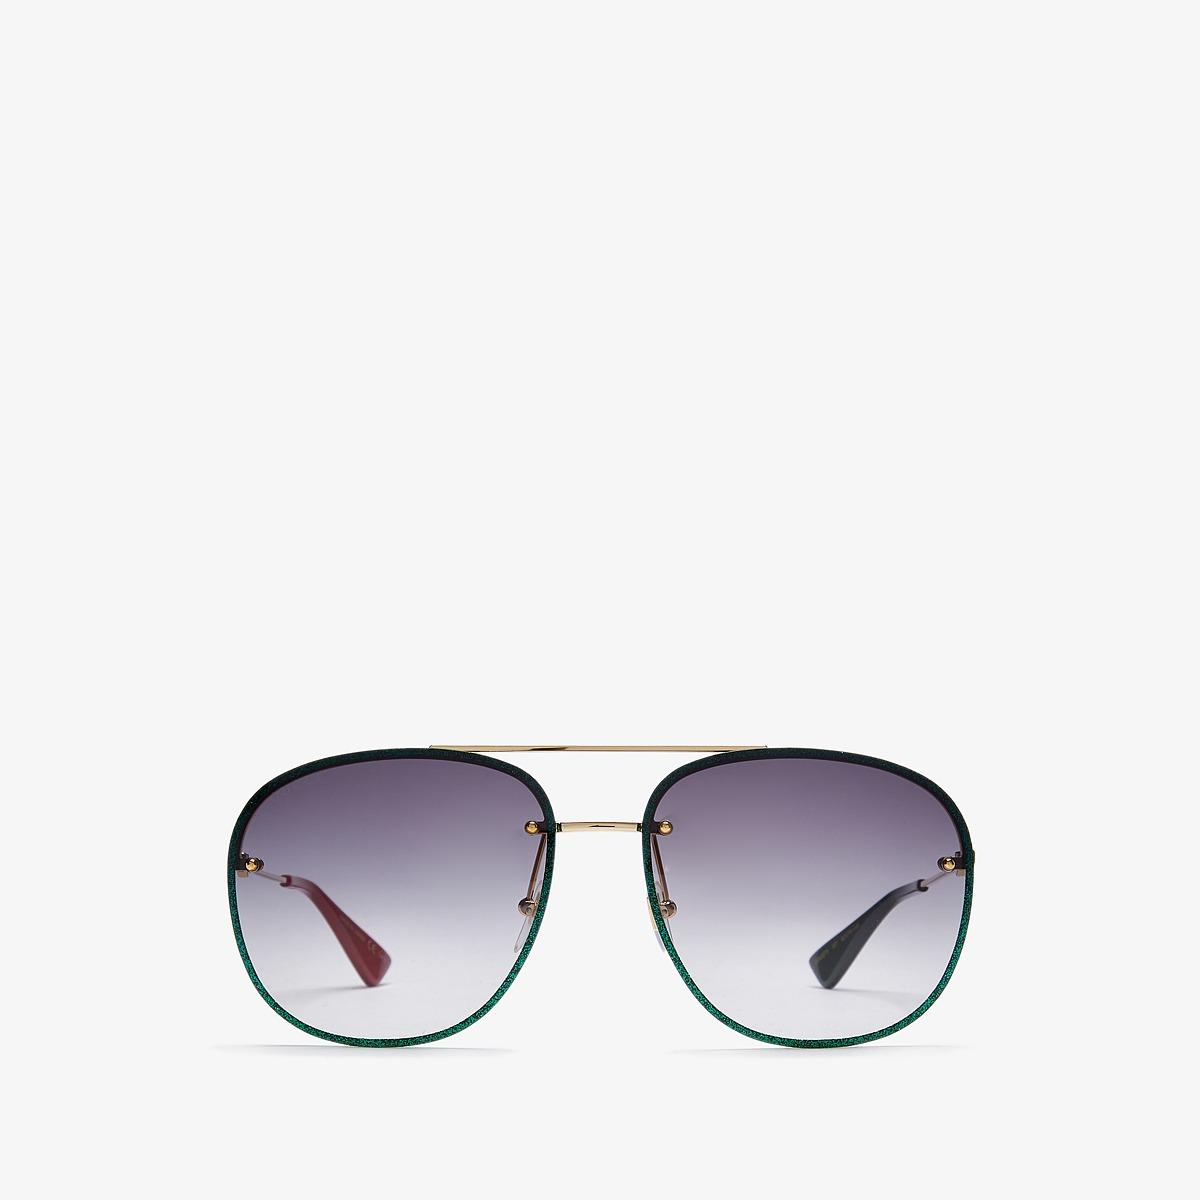 Gucci GG0227S (Gold/Grey) Fashion Sunglasses